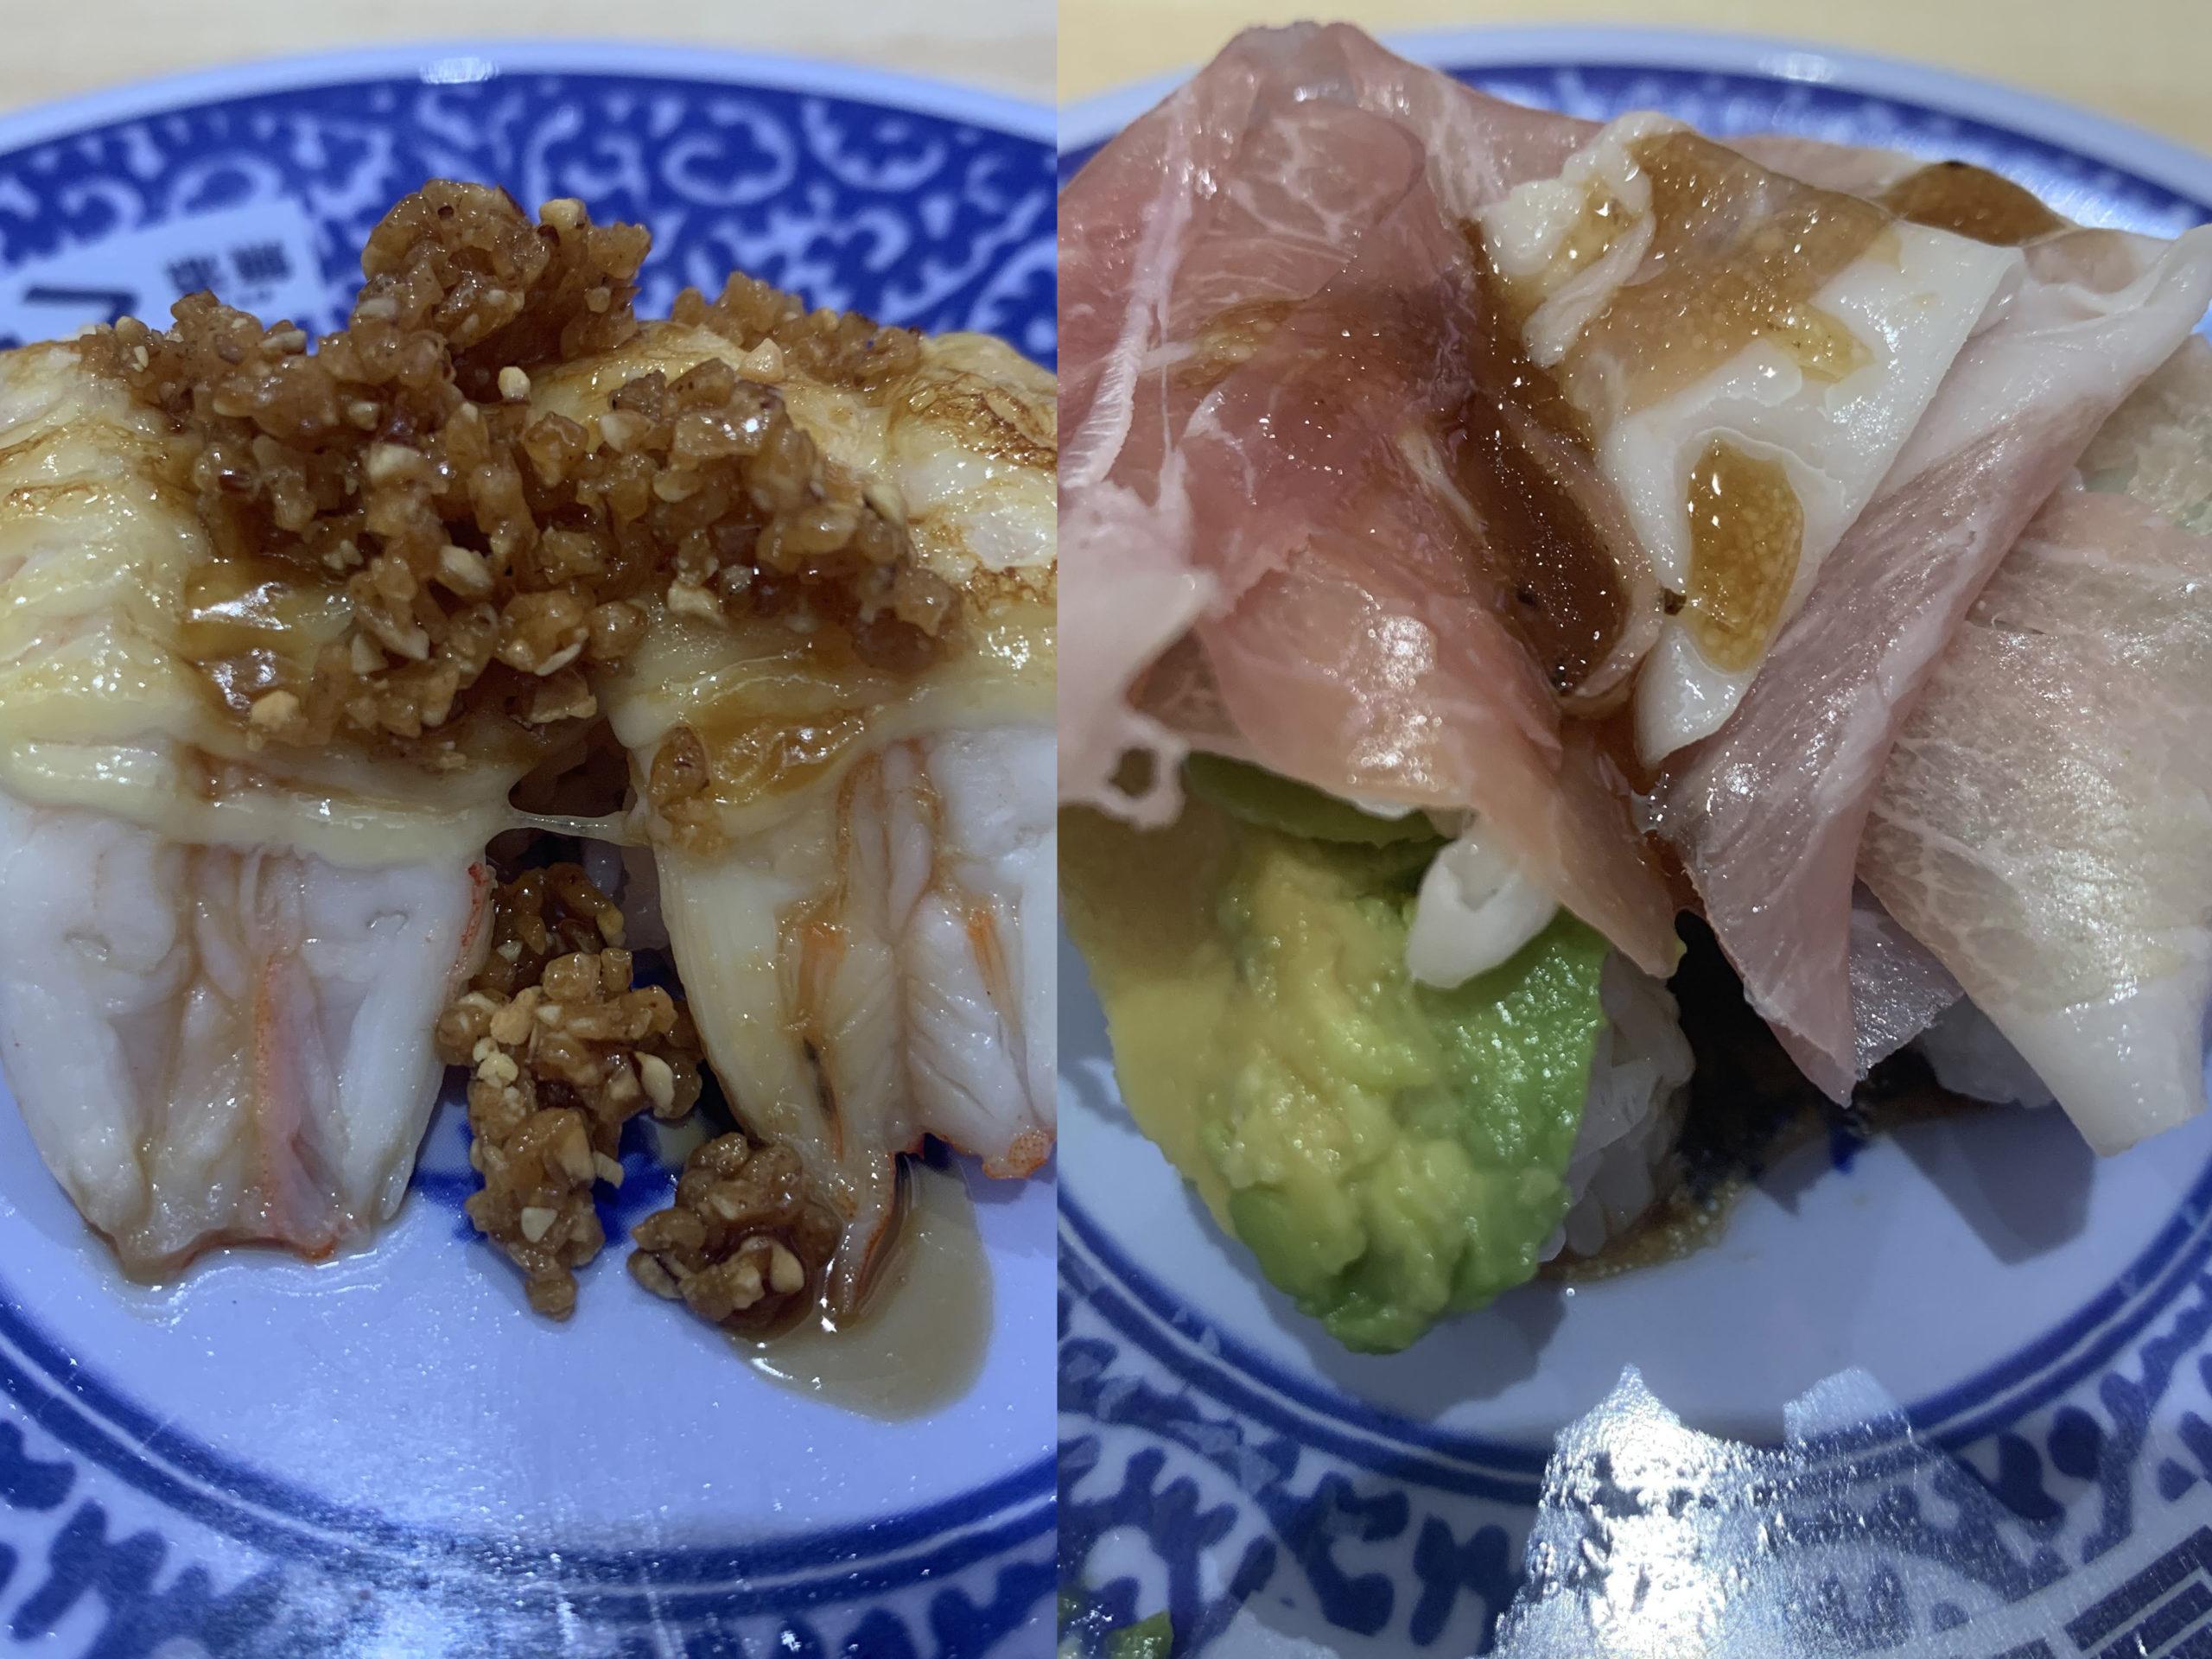 くら寿司のえびキャラメリーゼ&生ハムアボカドが美味しかった:実食レビュー